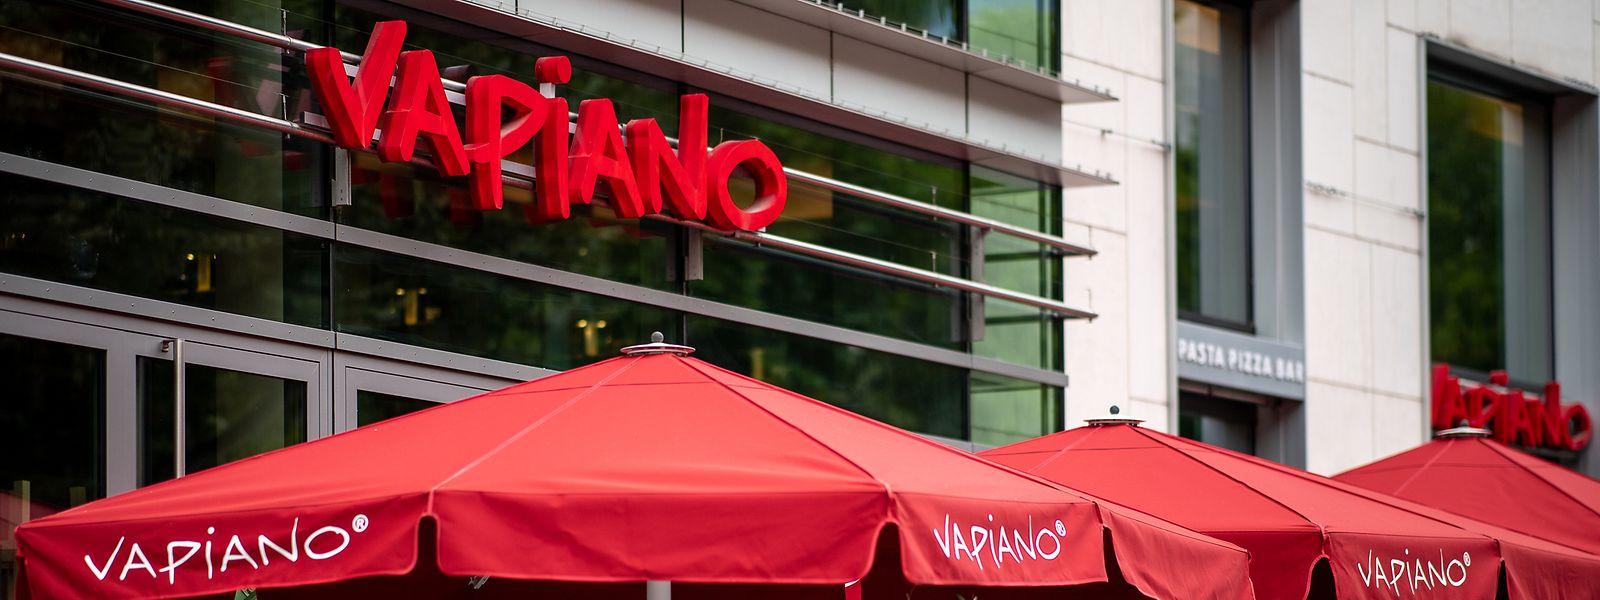 Eine Vapiano-Filiale in Stuttgart: Die Restaurantkette betreibt auch zwei Läden in Luxemburg.